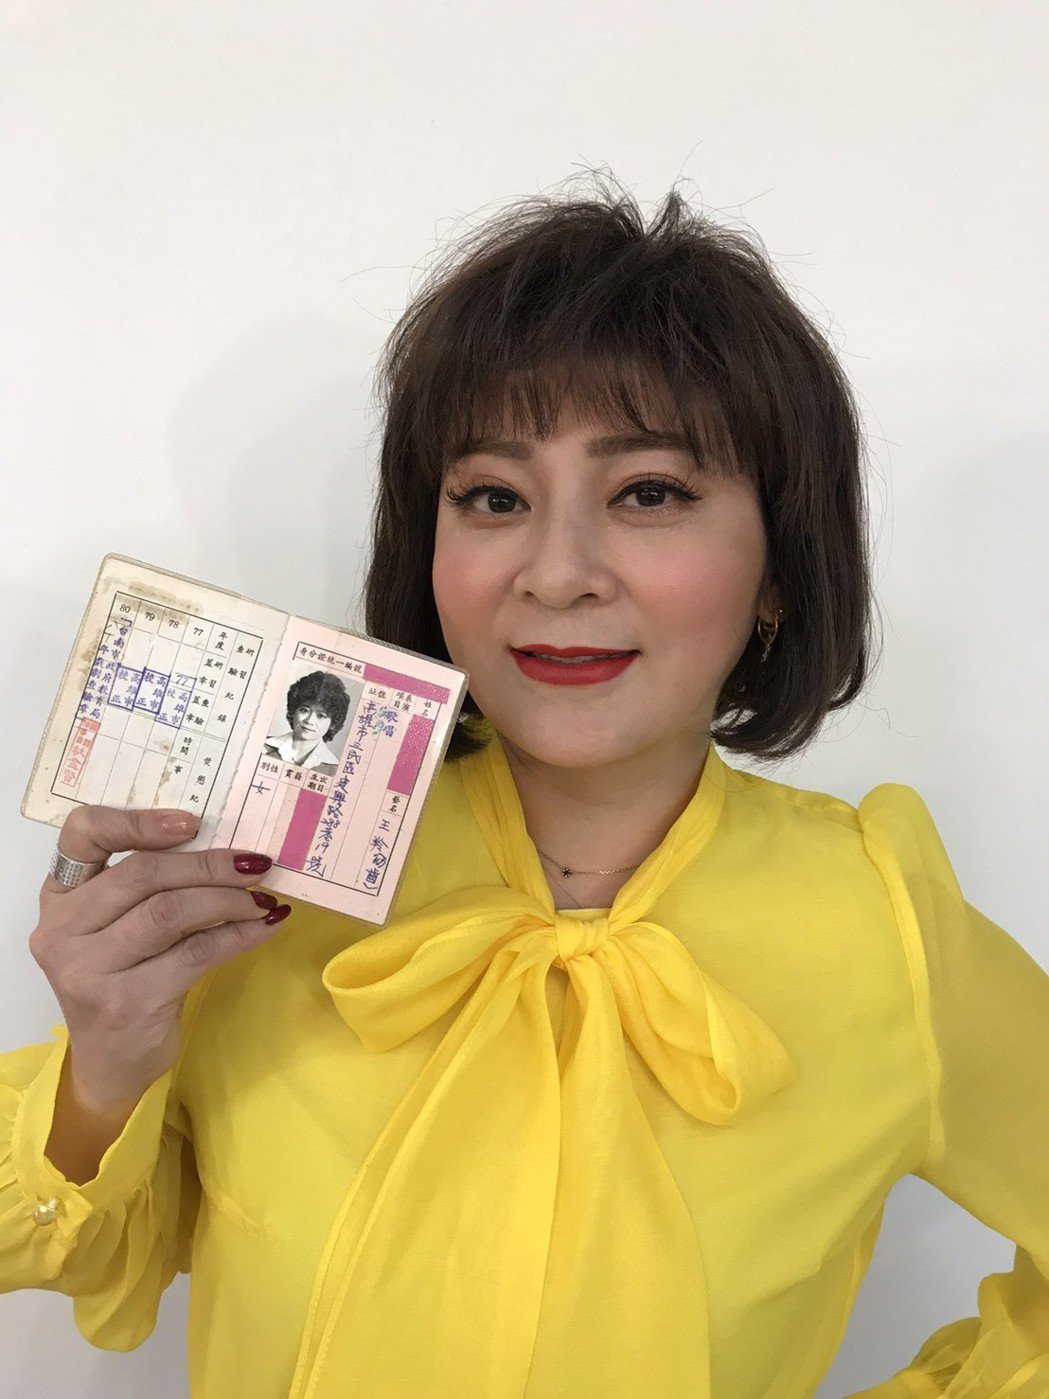 王彩樺的演員證上照片老氣,但當時只有10幾歲。記者葉君遠/攝影